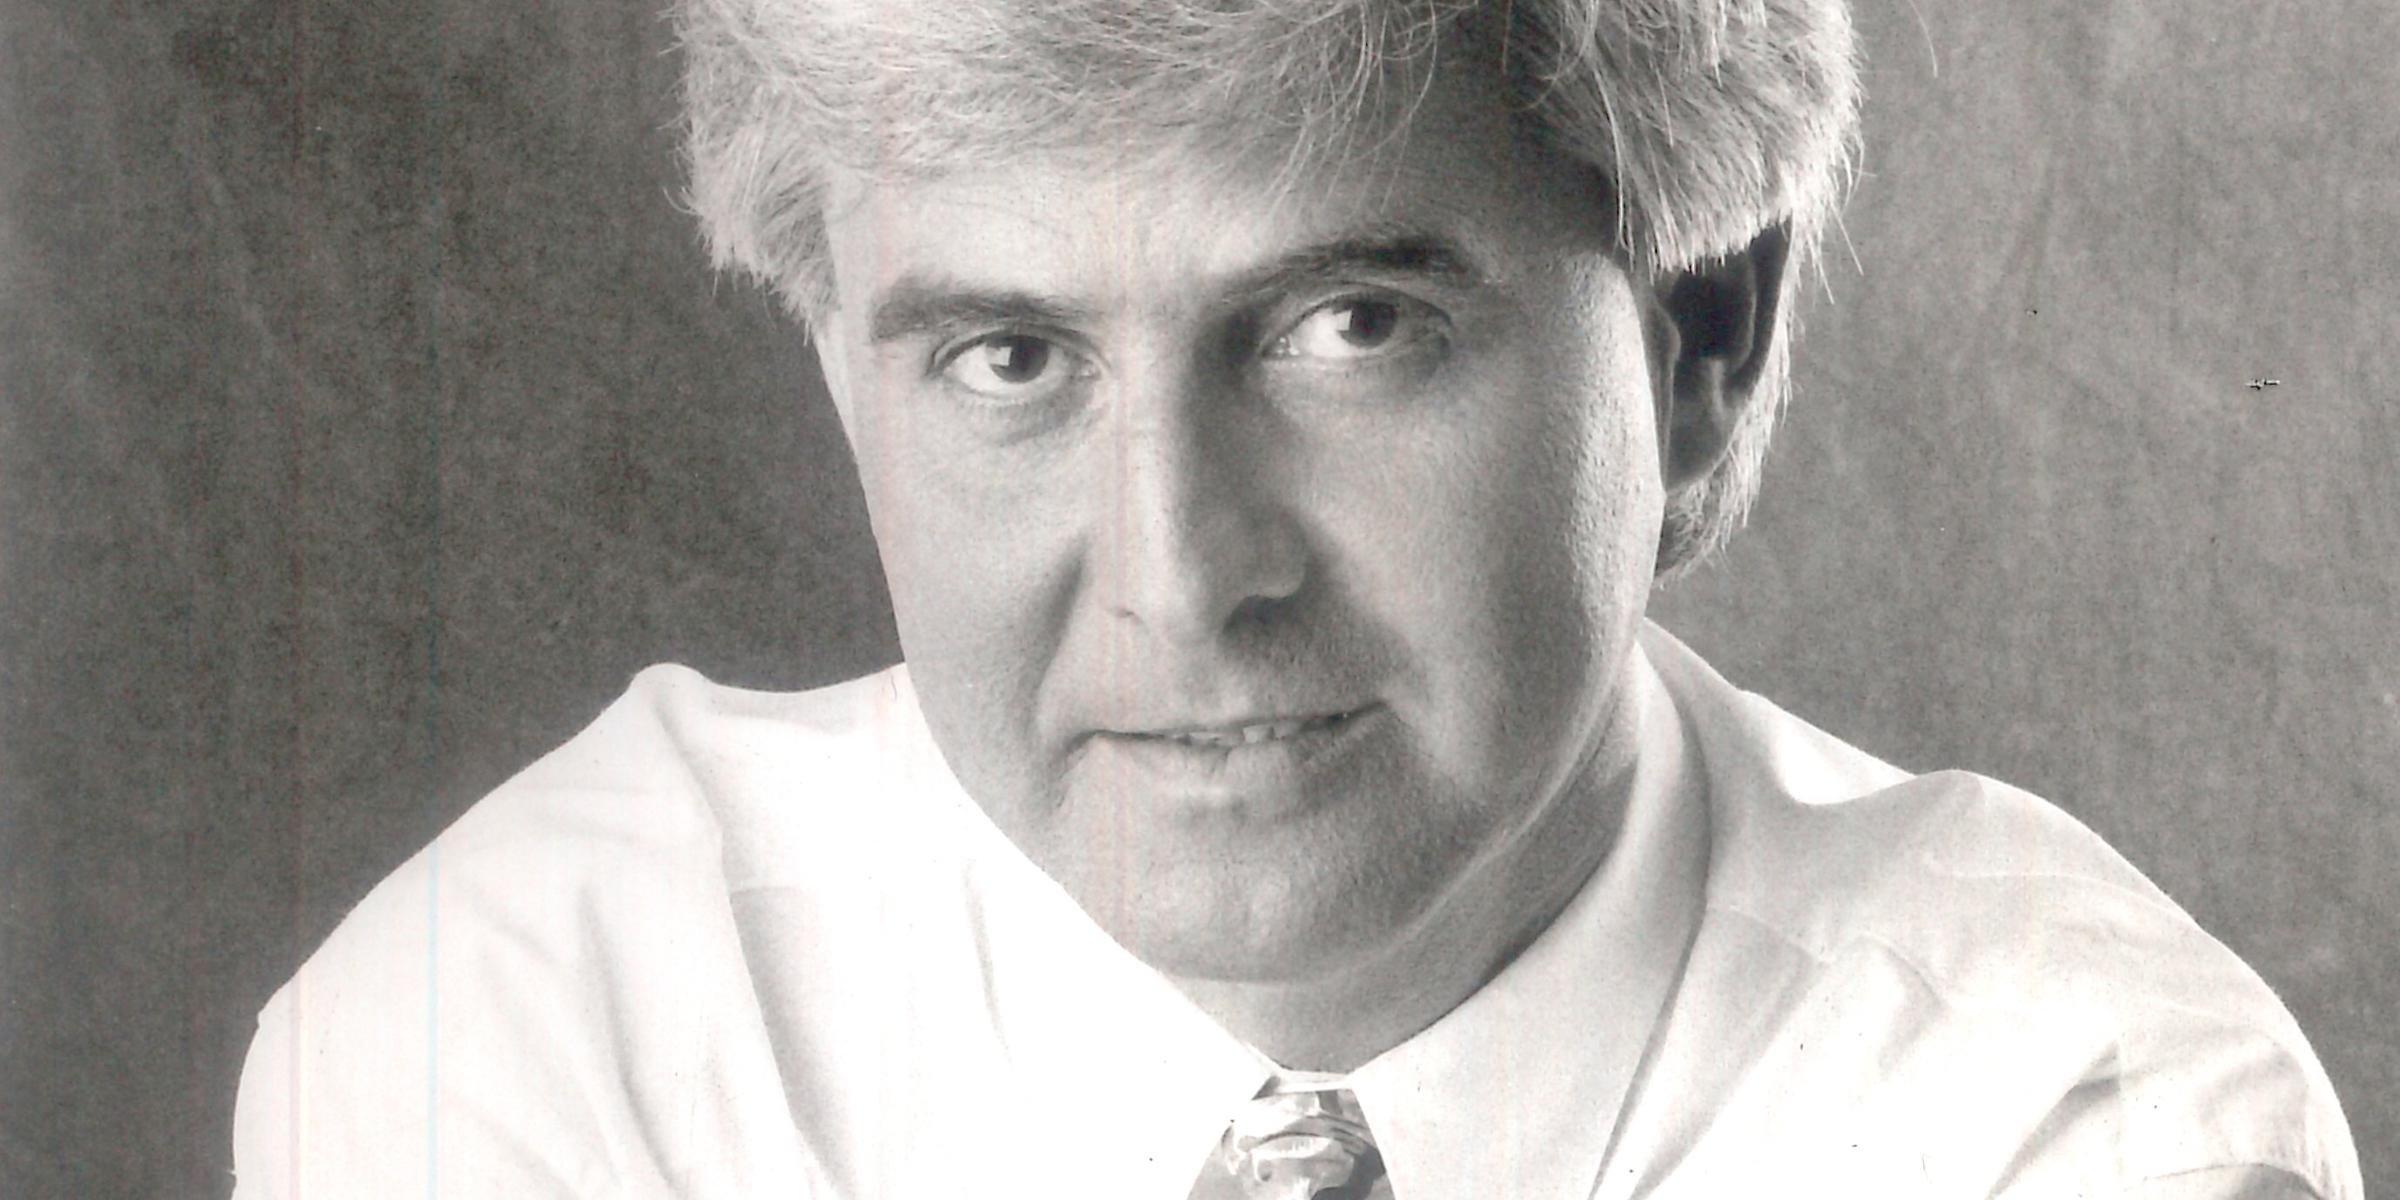 Jornalista trabalhou na TV Guaíba e foi o criador da Festa Nacional do Disco e Festa Nacional da Música